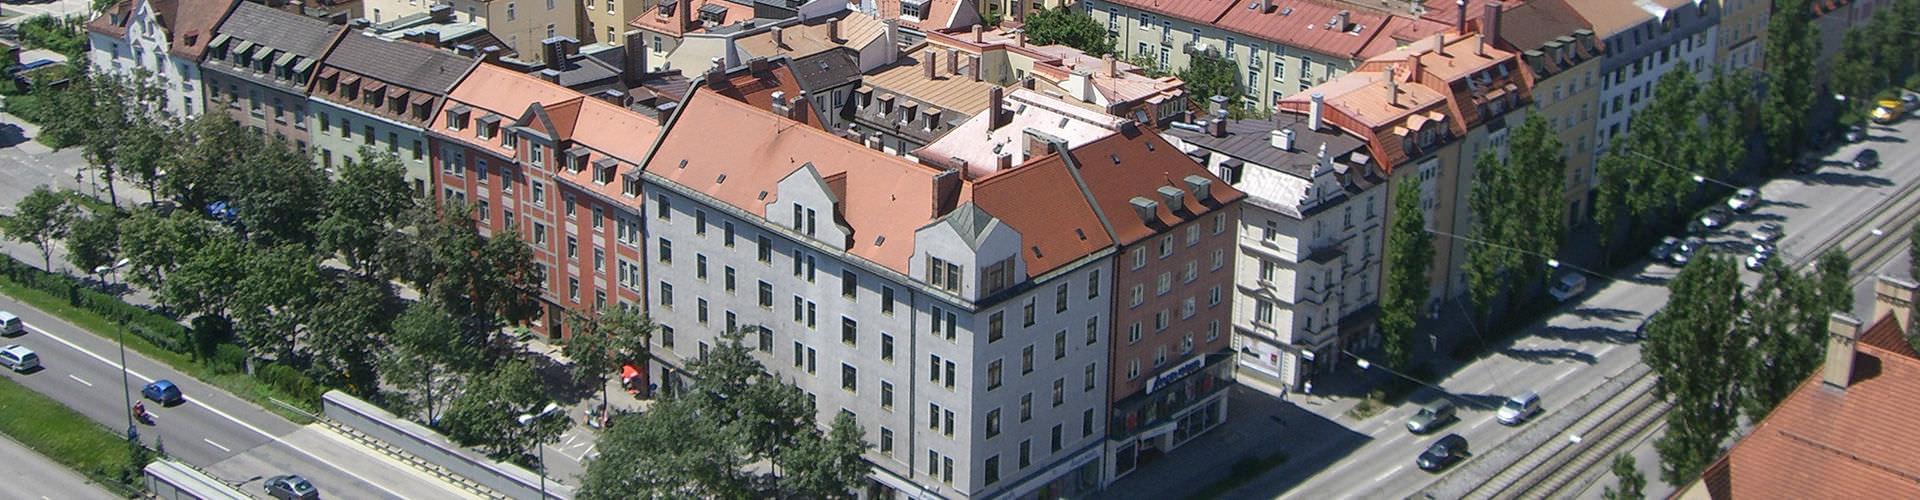 Munich - Auberges de jeunesse dans le quartier de Westend. Cartes pour Munich, photos et commentaires pour chaque auberge de jeunesse à Munich.